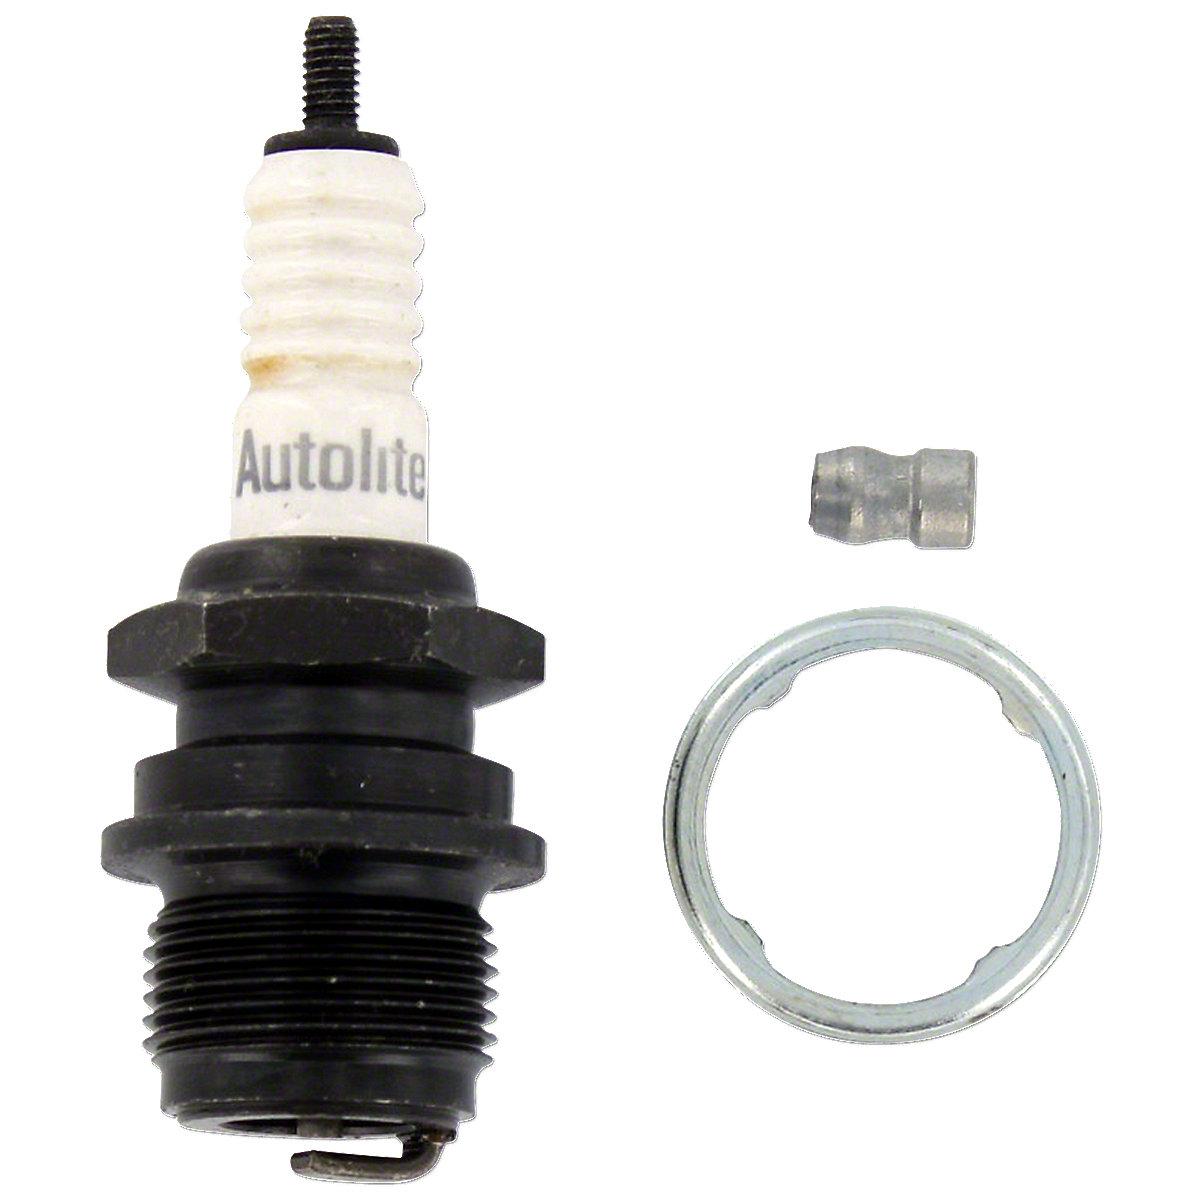 Autolite Spark Plug For Allis Chalmers: U.